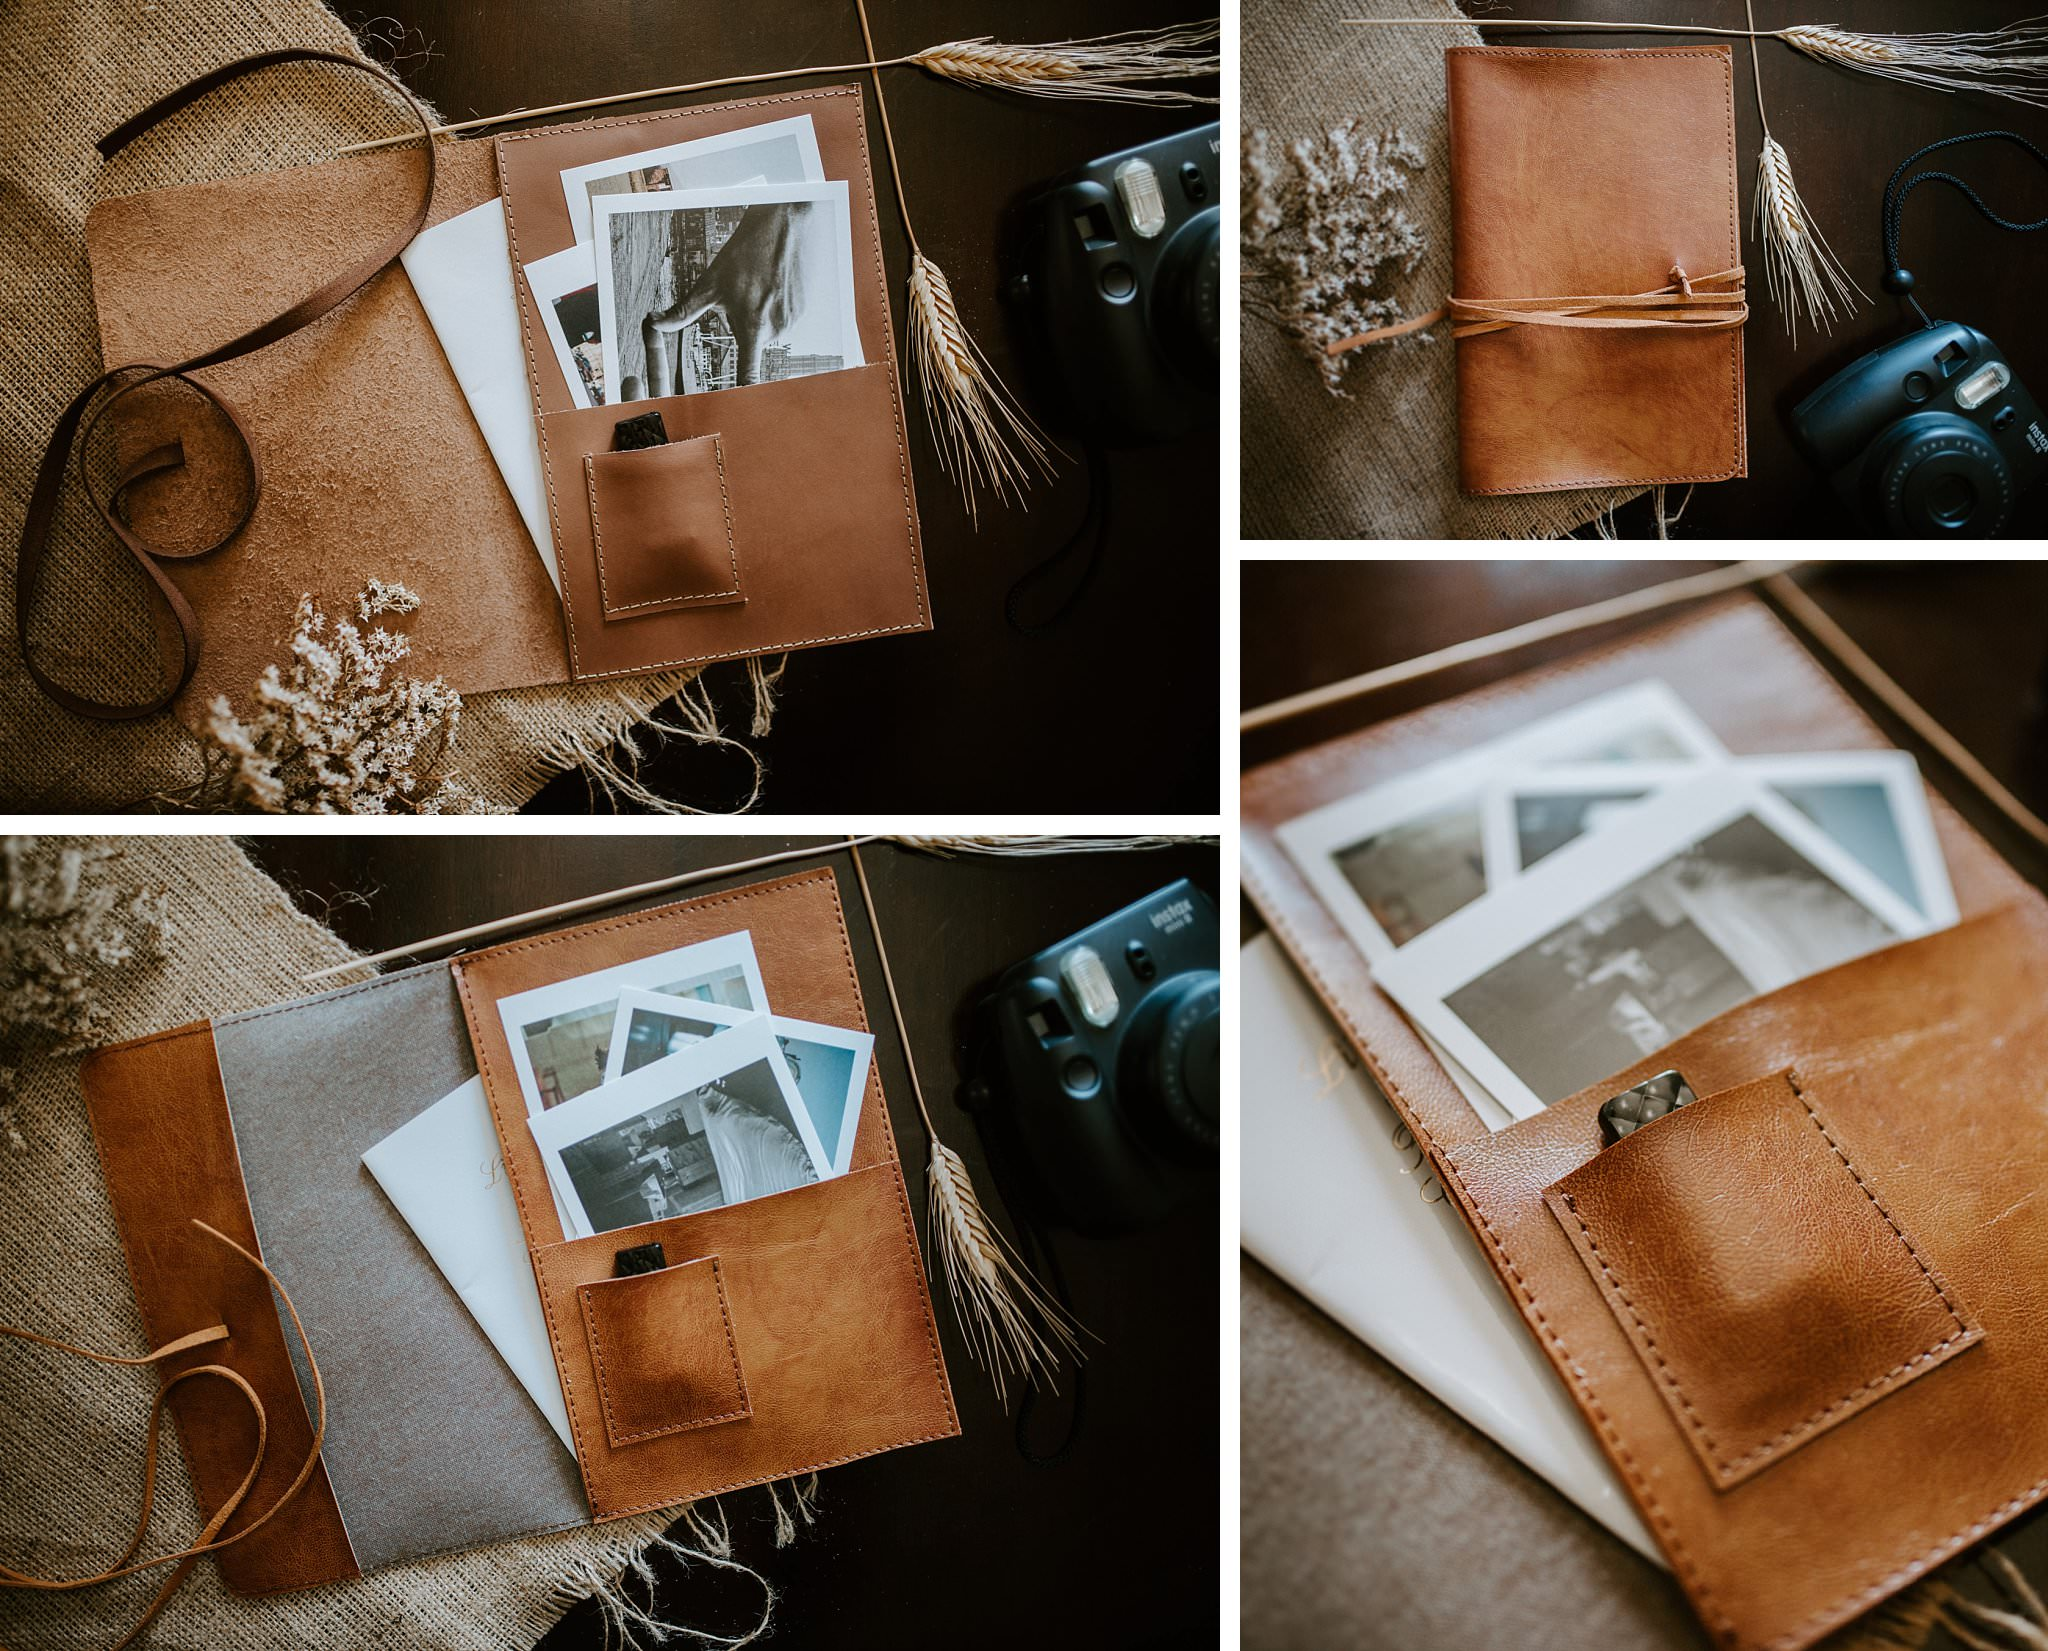 ENTREGA FÍSICA - Packaging SUPERIOR hechos a mano en Cuero o Eco Cuero ( a elección )Ágil y de gran durabilidad para guardar fotos, + pen drive y libretas de matrimonio y civilNUEVO PACKAGING ÚNICO EN EL MERCADO DE BODAS EN ARGENTINA!!!Es un packaging que vas a sentirlo cálido, no solo tiene tus recuerdos en fotos, sino también tus libretas de matrimonio. que perdurará en el tiempo